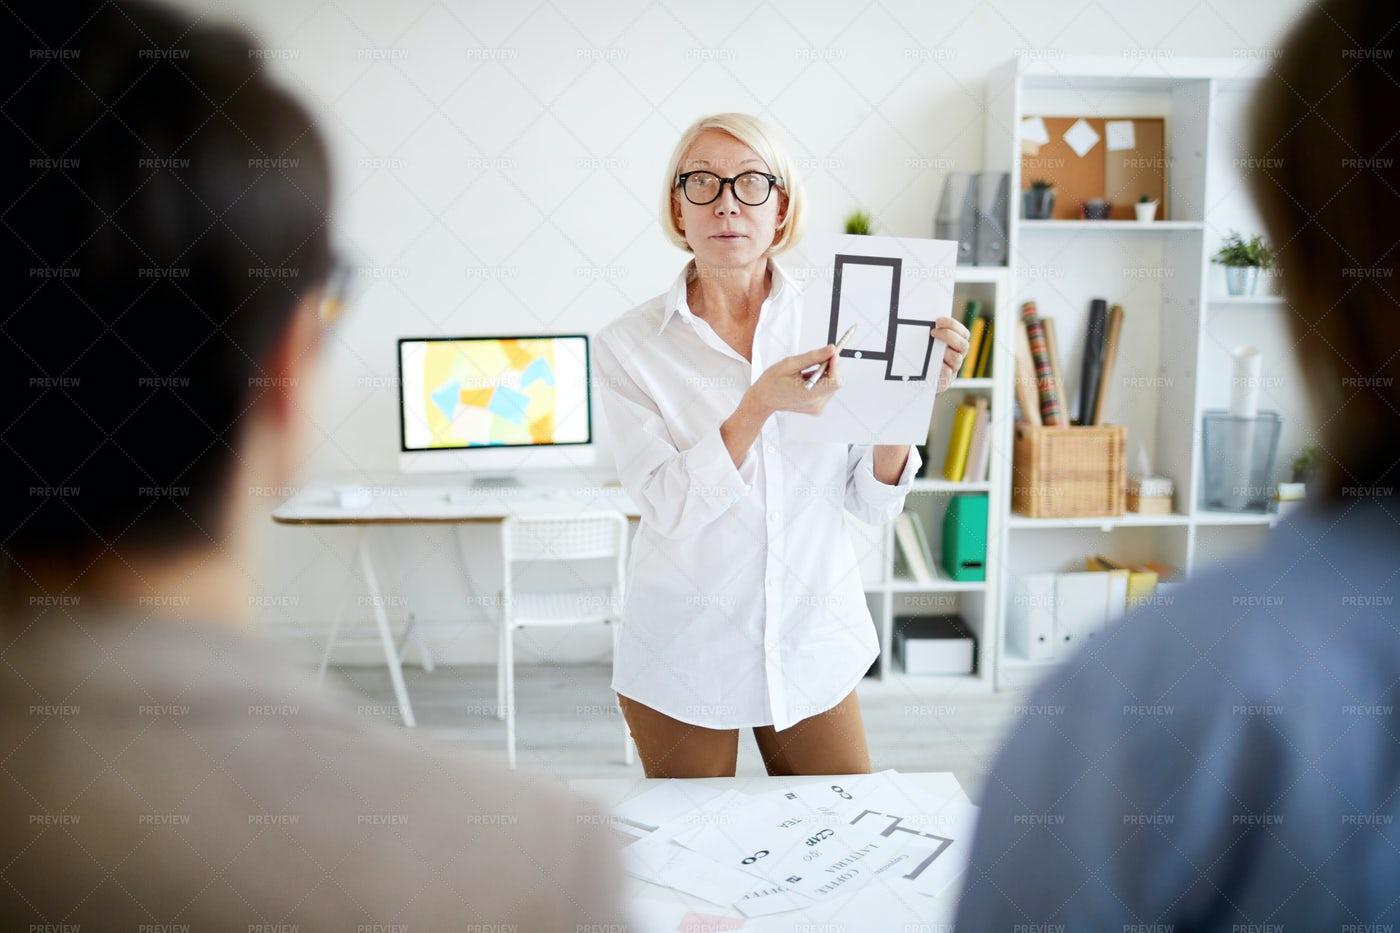 Mature Woman Explaining Technology...: Stock Photos